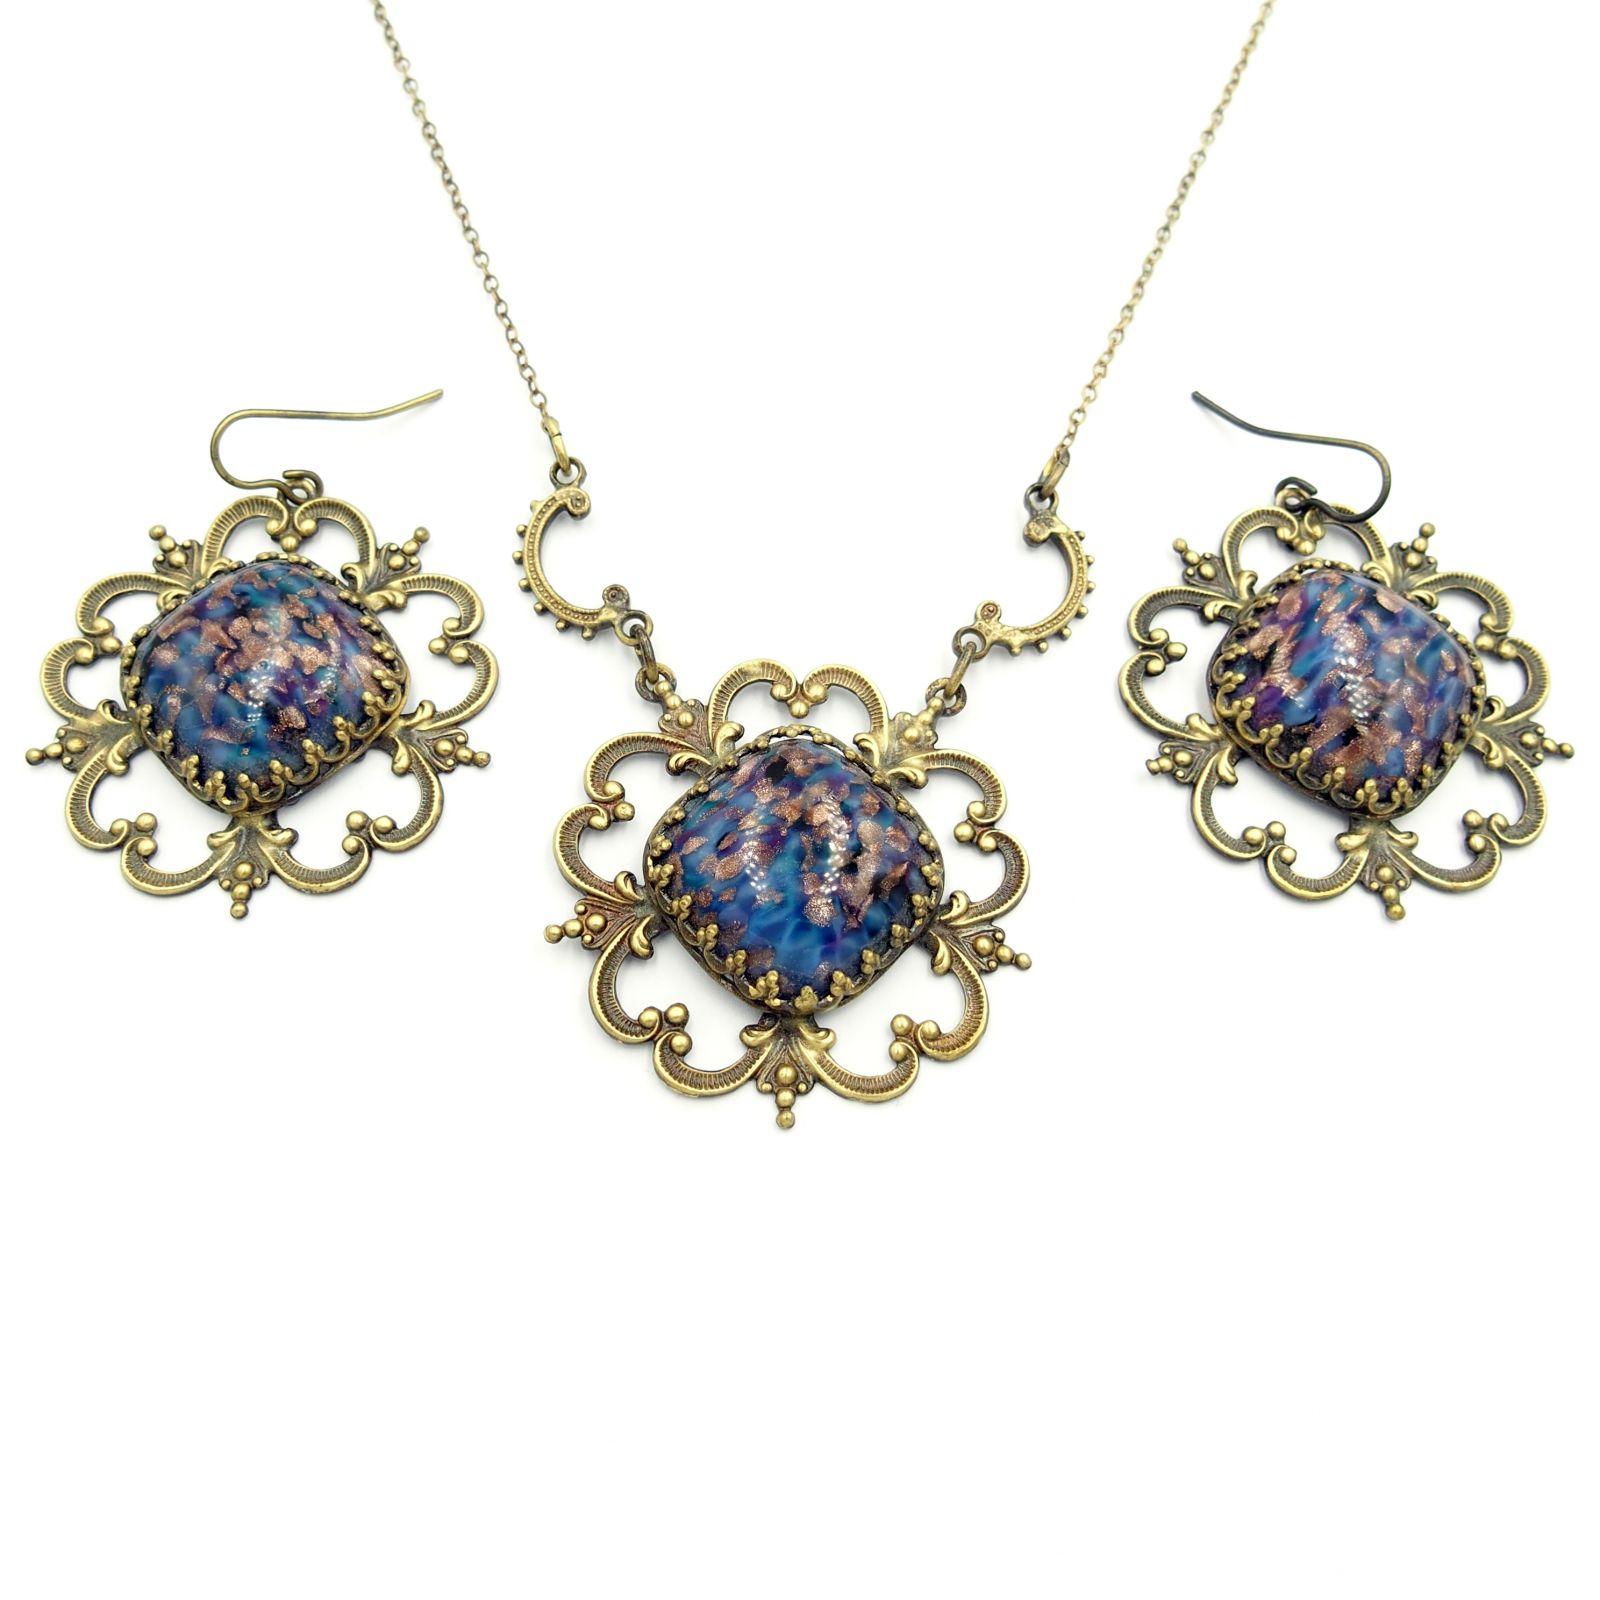 náhrdelník s přívěskem a naušnicemi (b)